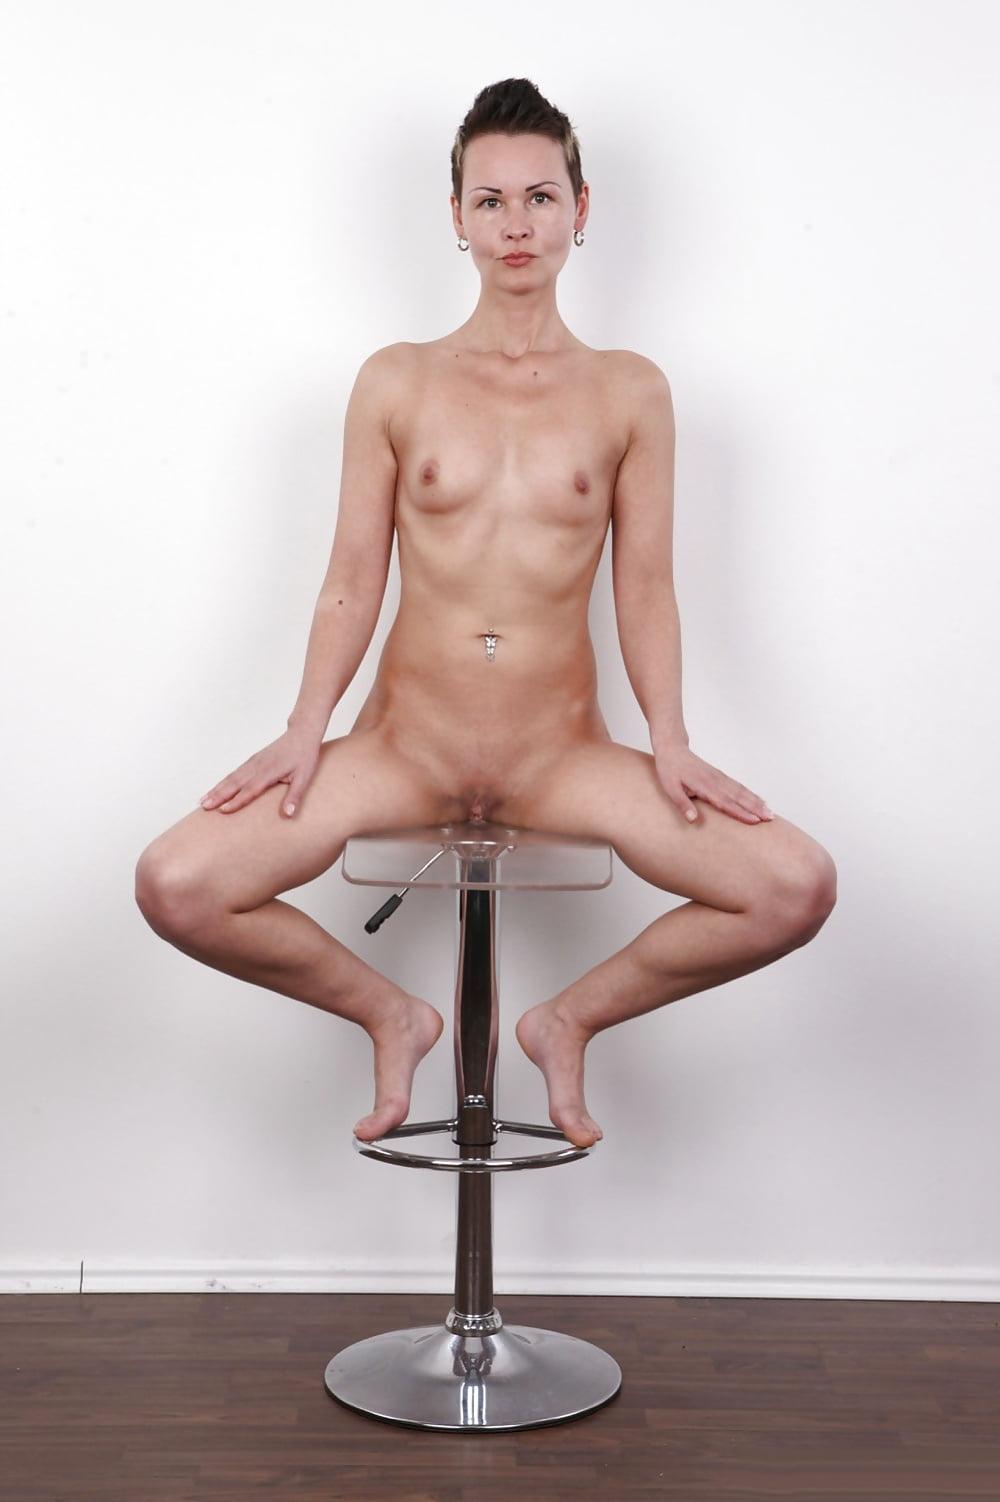 Amateur nude casting videos — photo 5